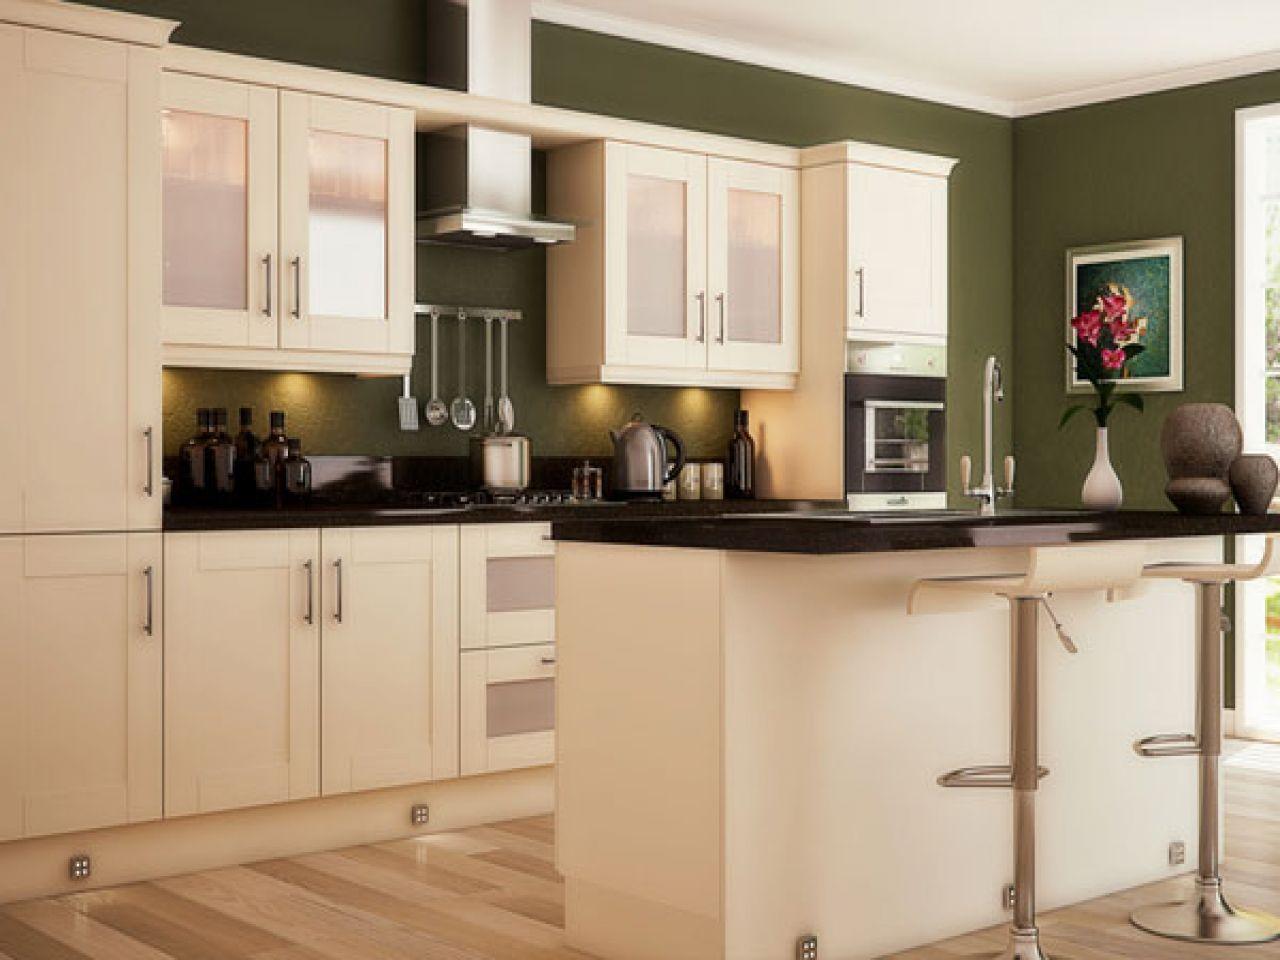 Grüne Küche Wände Ideen für das Perfekte Kochen Bereich Ton Grüne ...